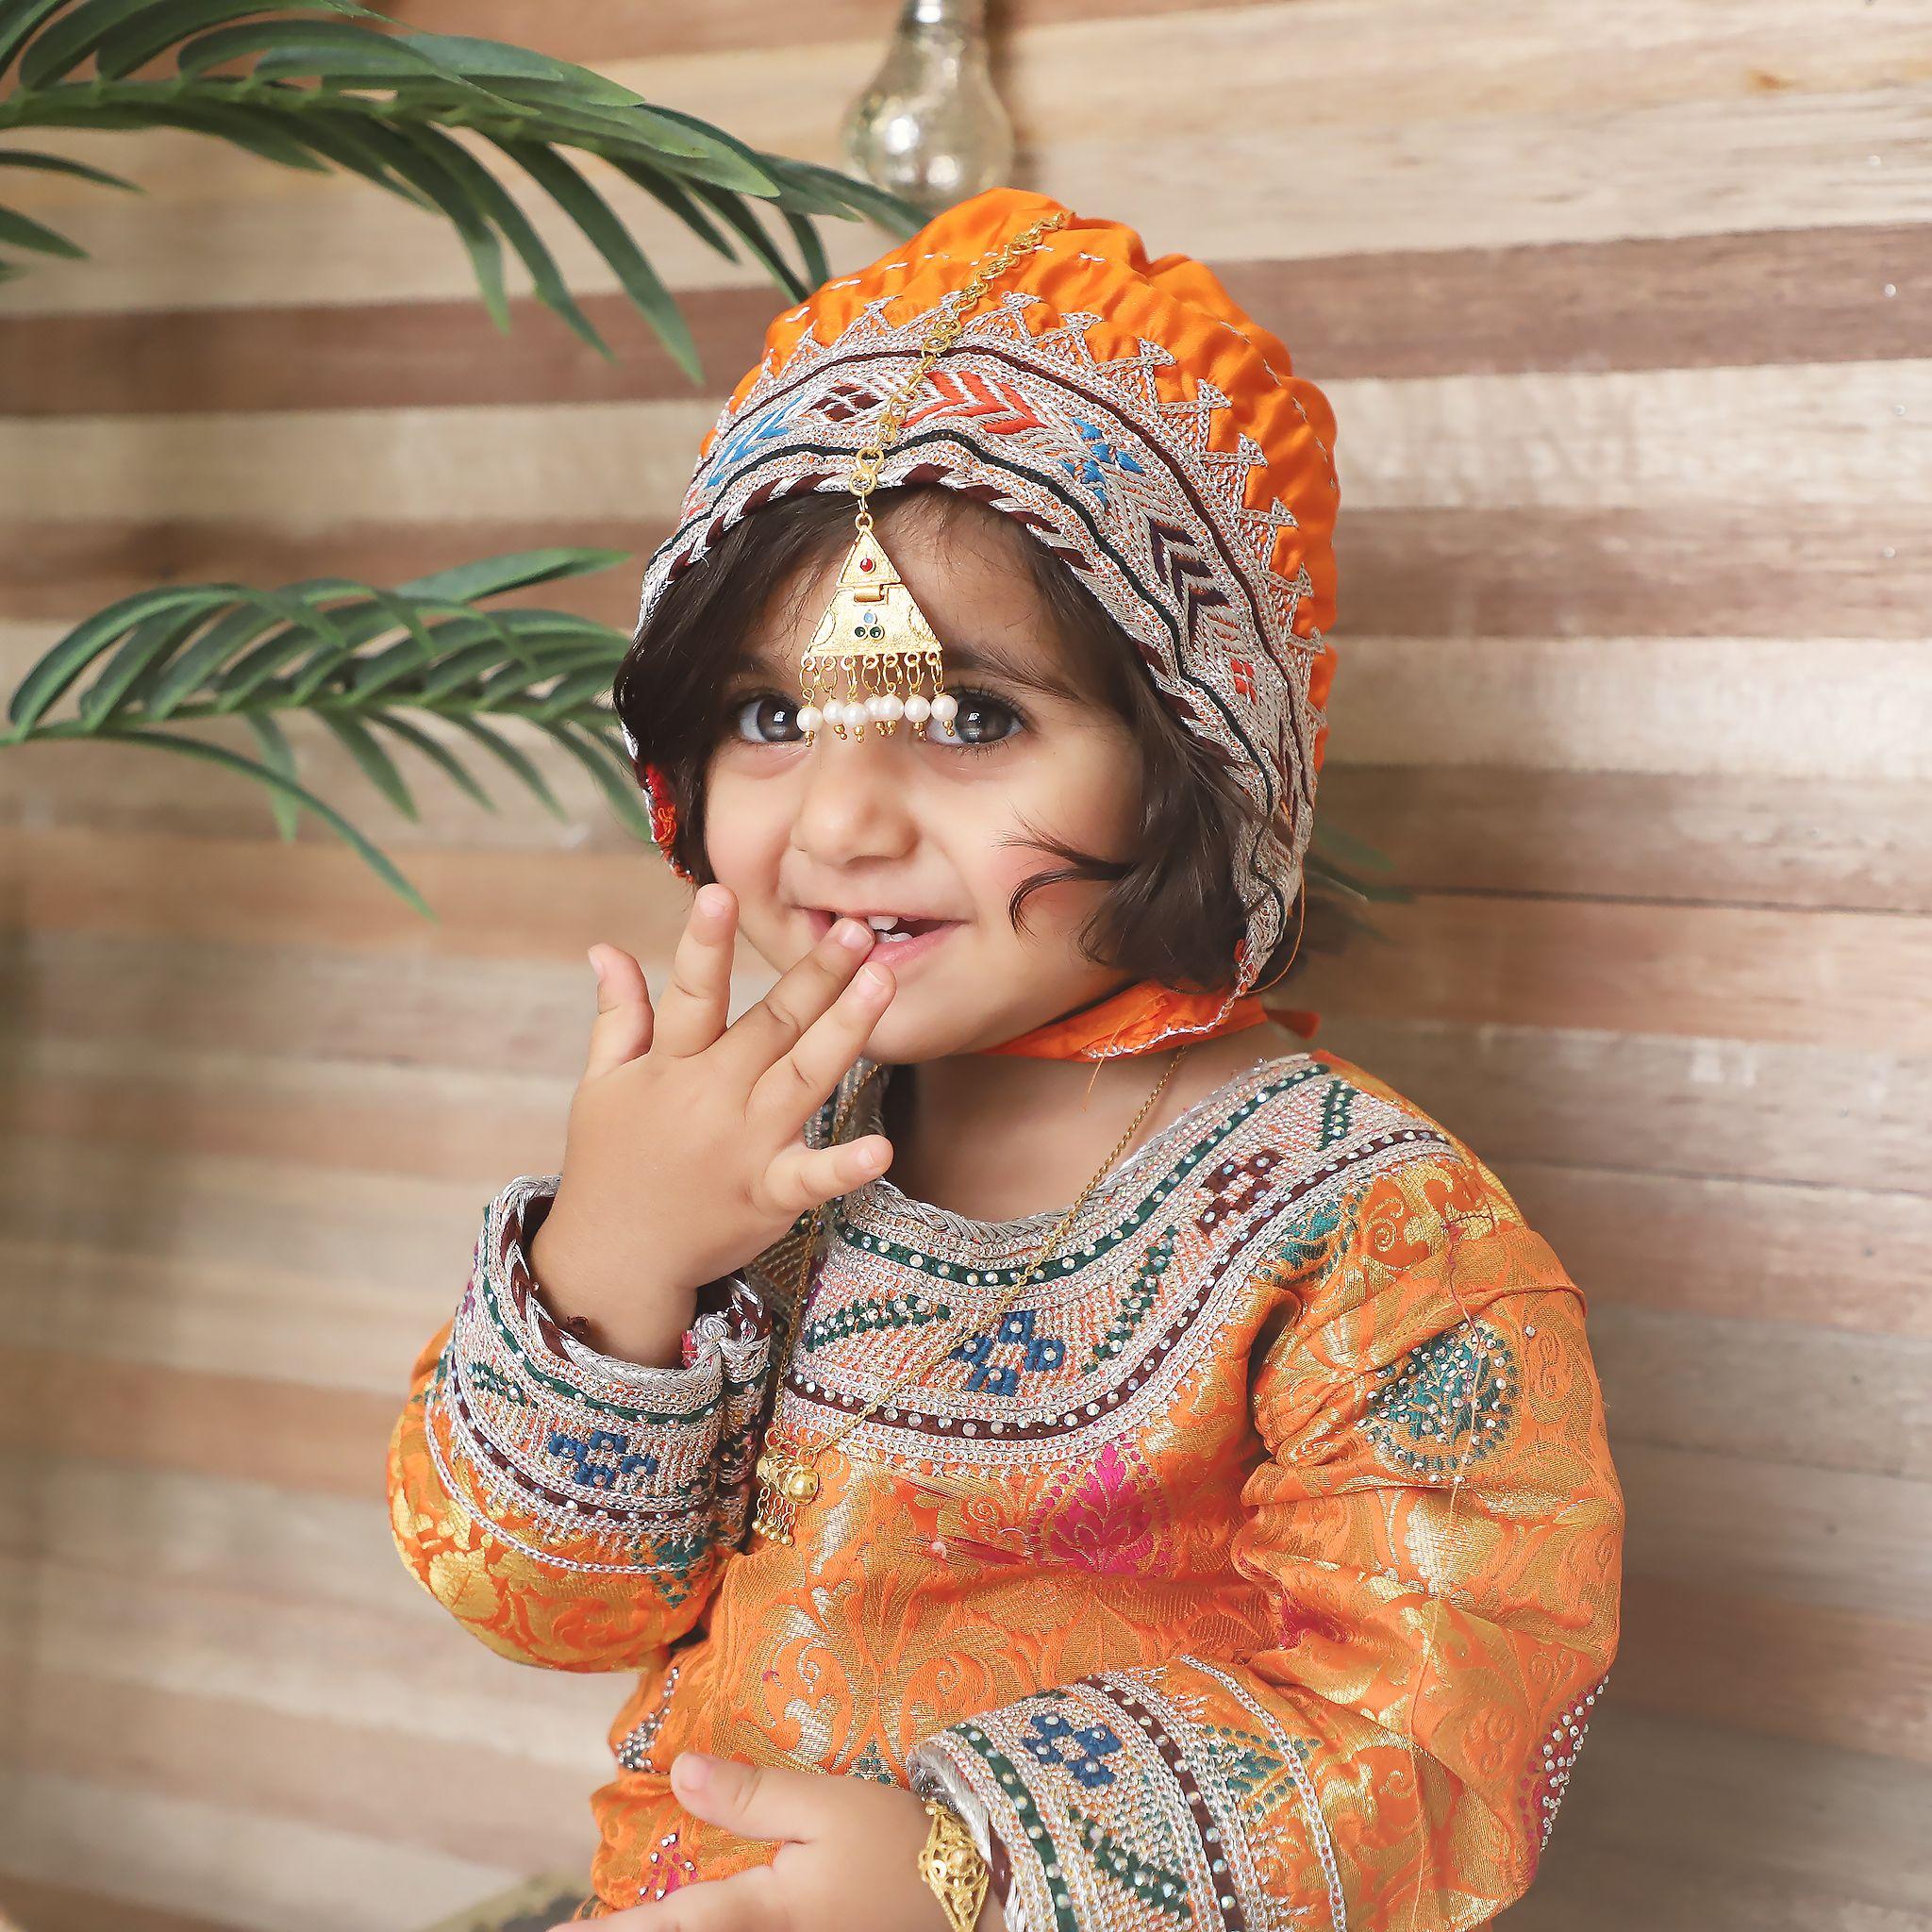 اللبس العماني التقليدي عمان تقليدي صور مسقط أطفال